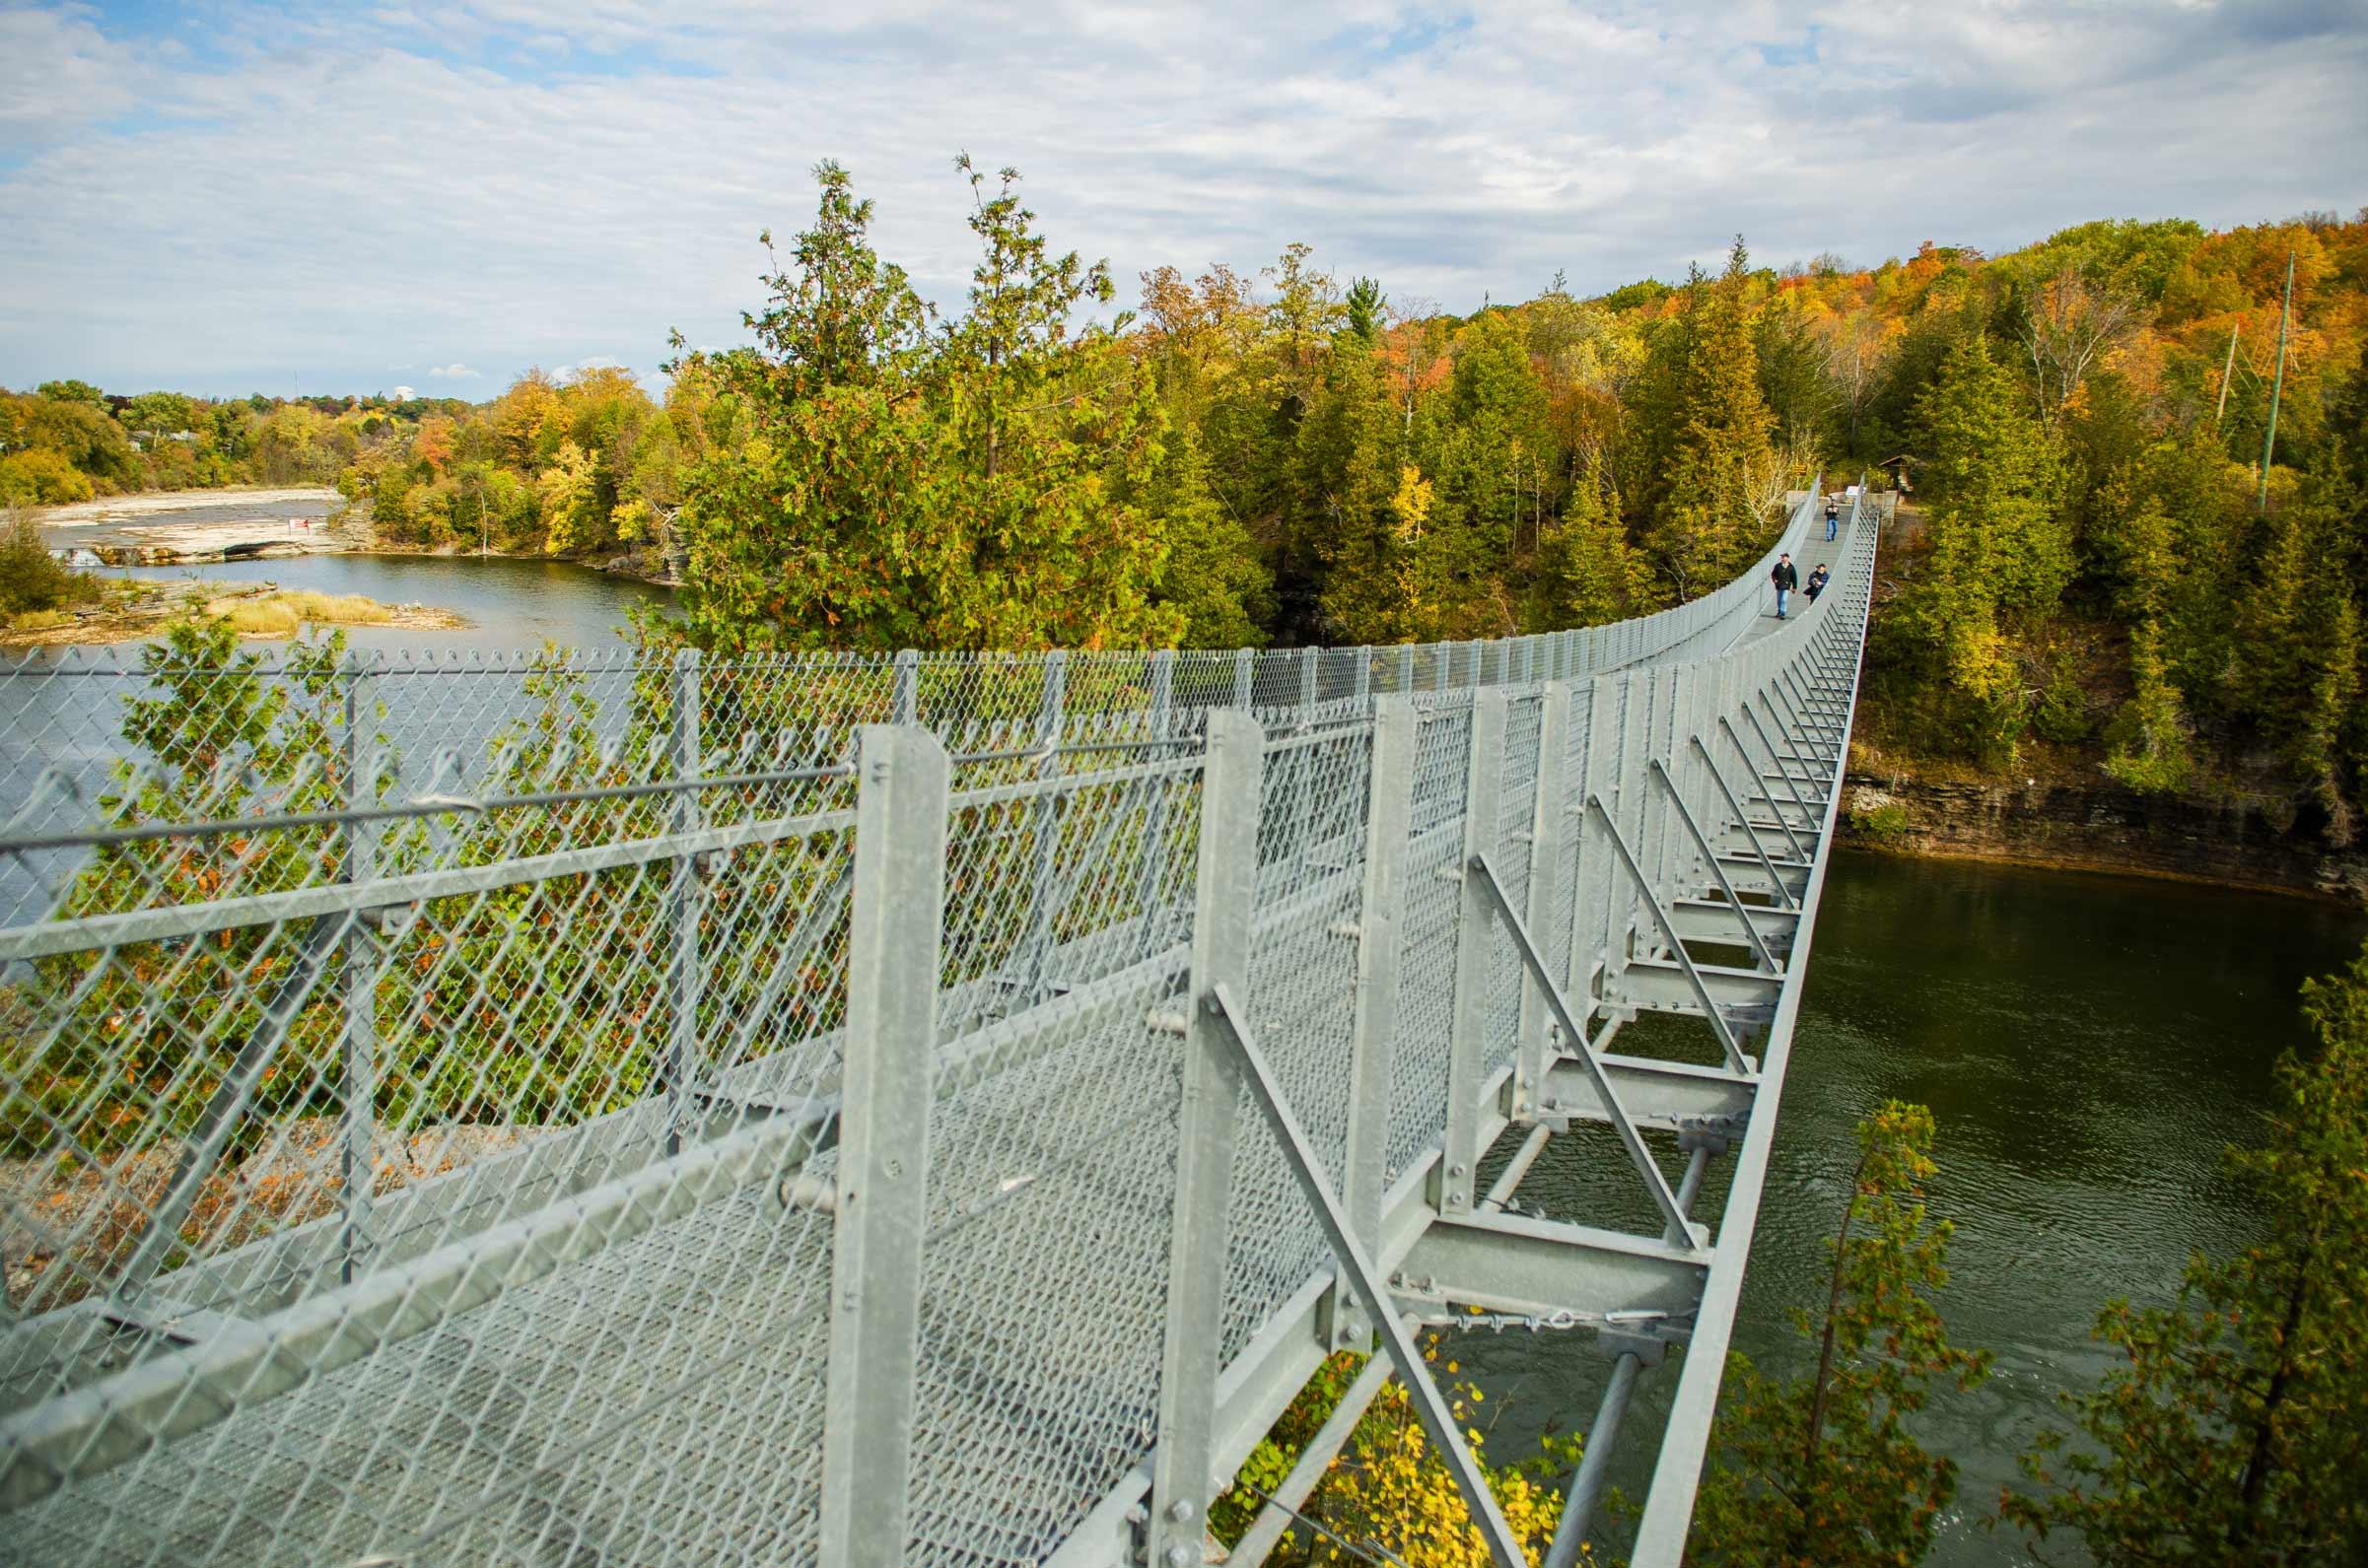 Suspension bridge in Campbellford